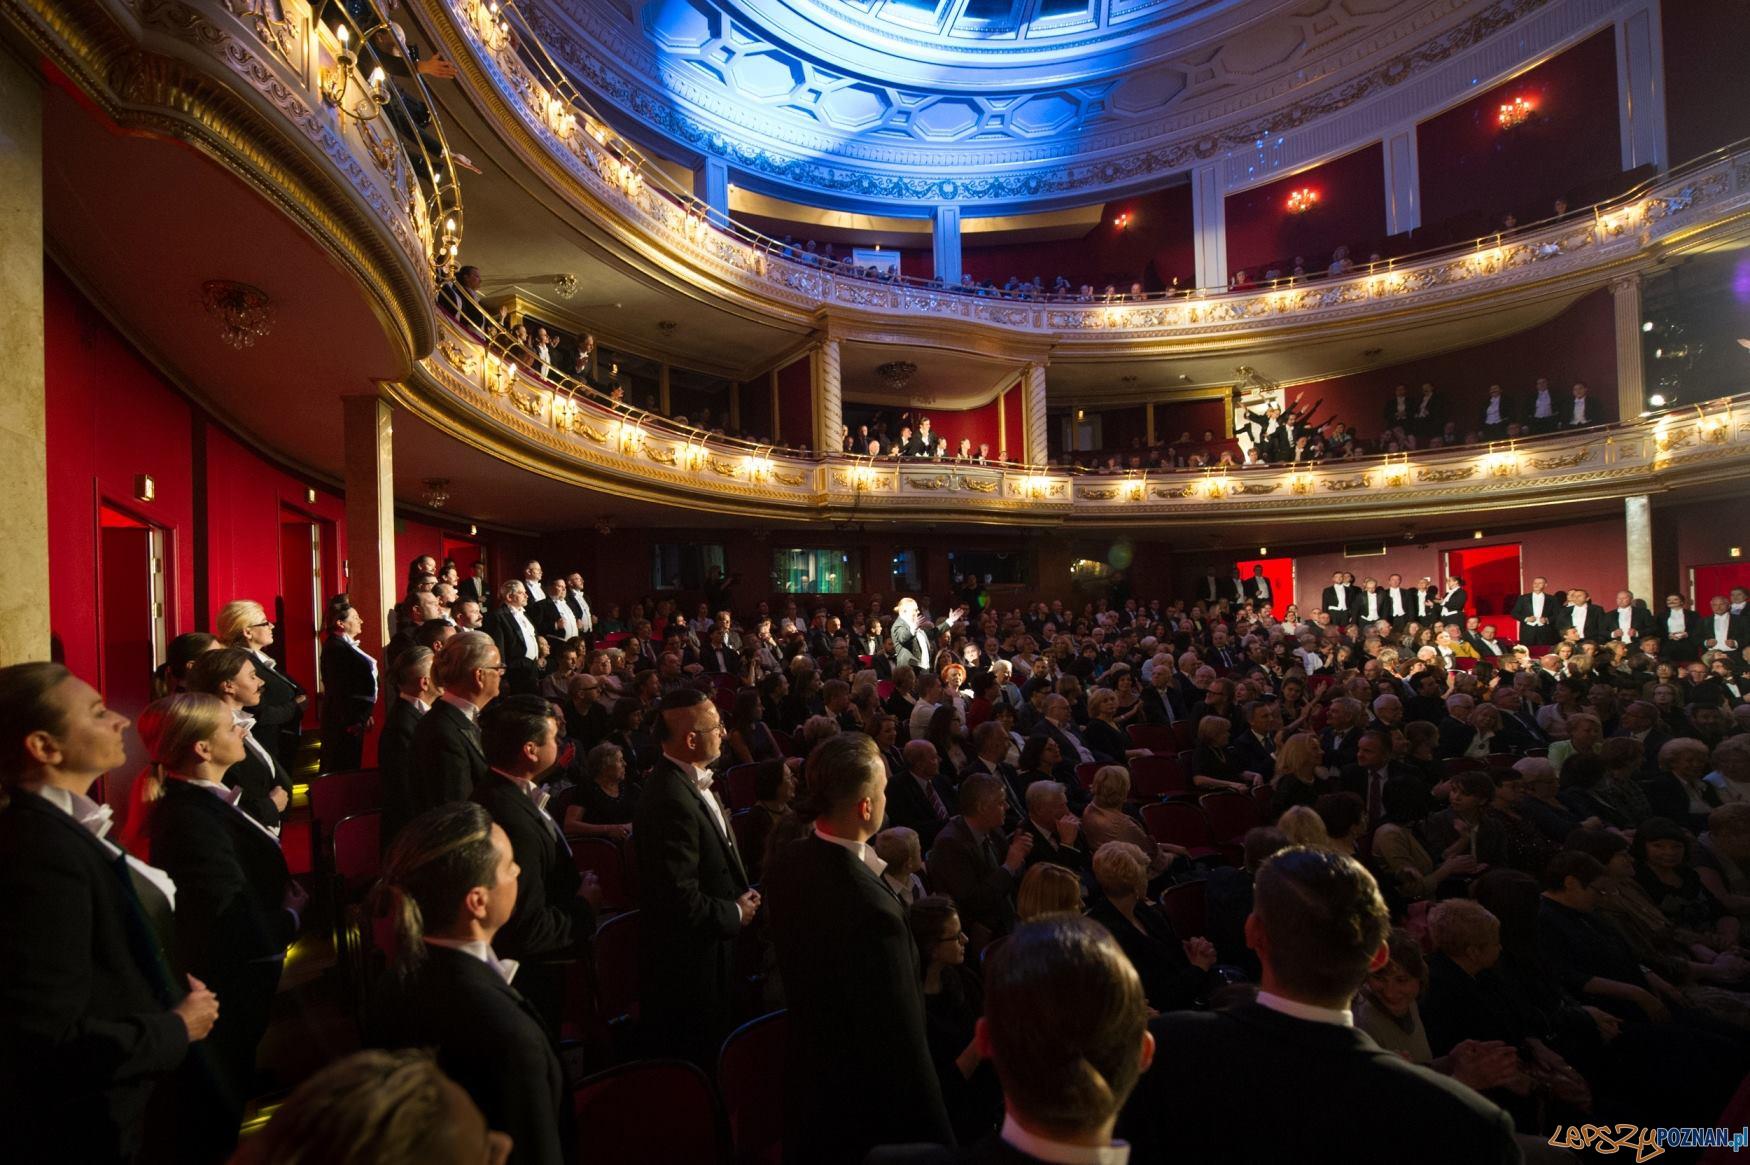 Opera - Teatr Wielki  Foto: K. Zalewska / materiały prasowe